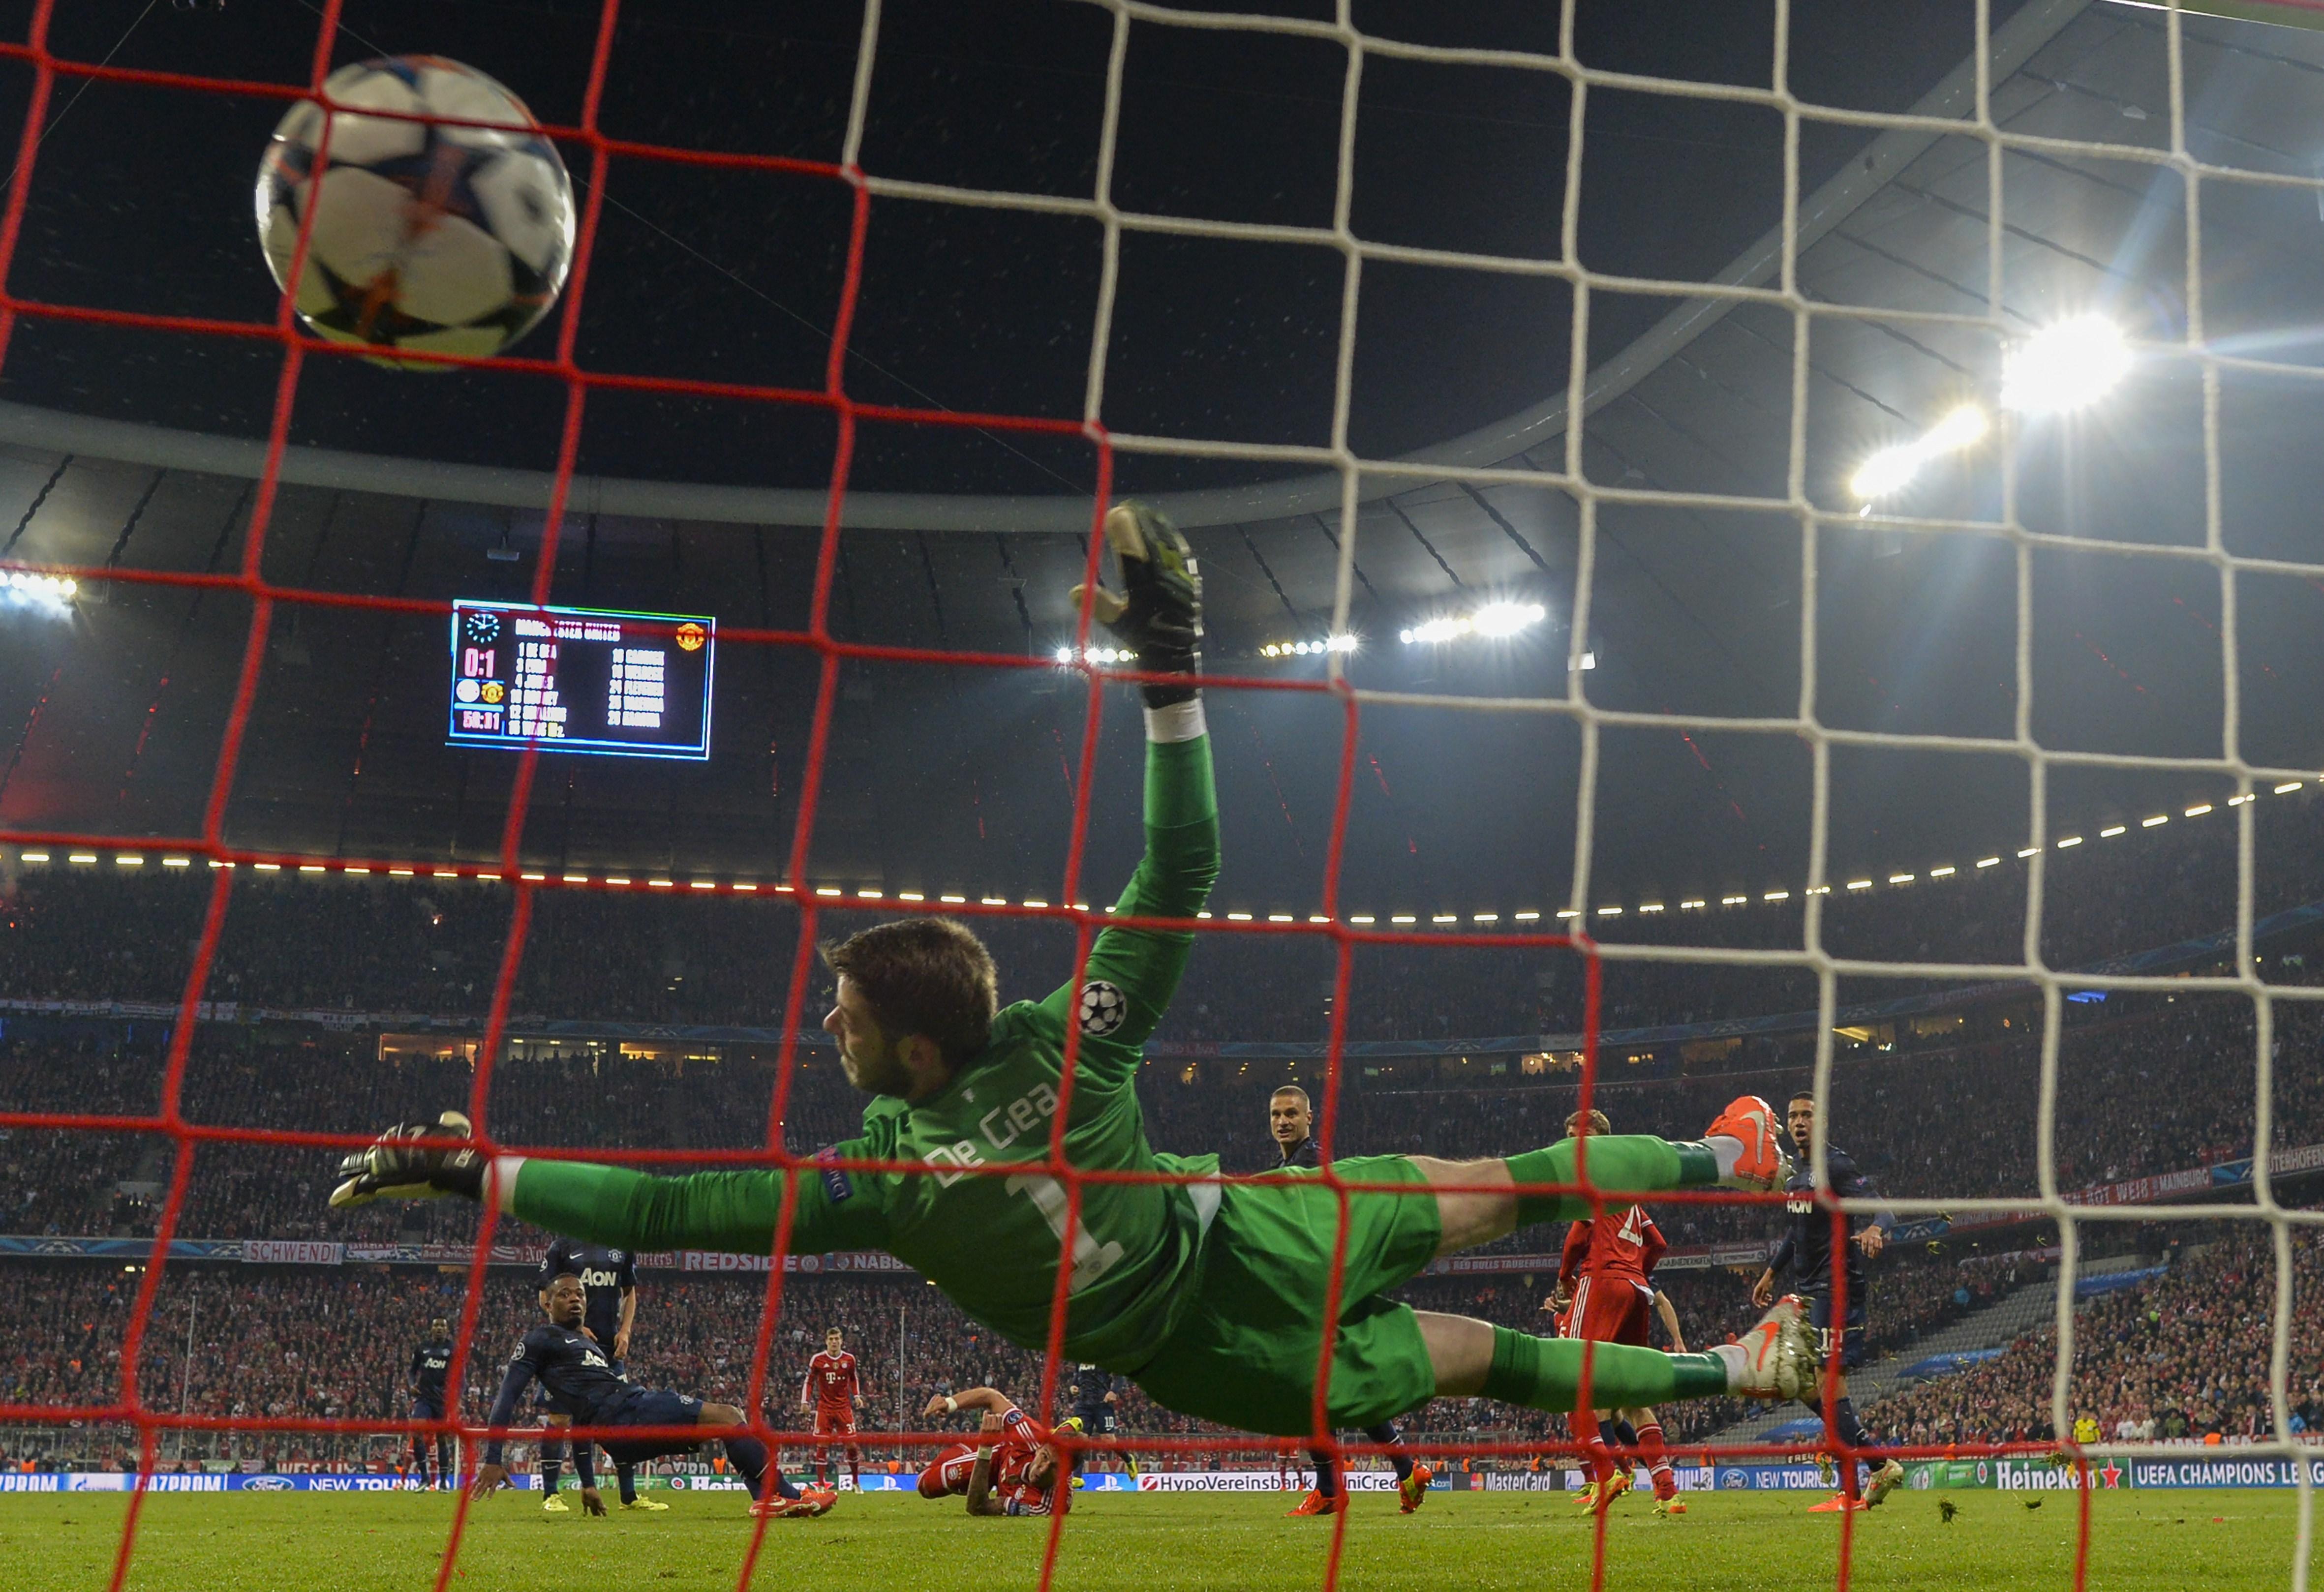 Auf einem Blick: Was die internationale Presse zum Halbfinal-Einzug vom FC Bayern München zu sagen hat